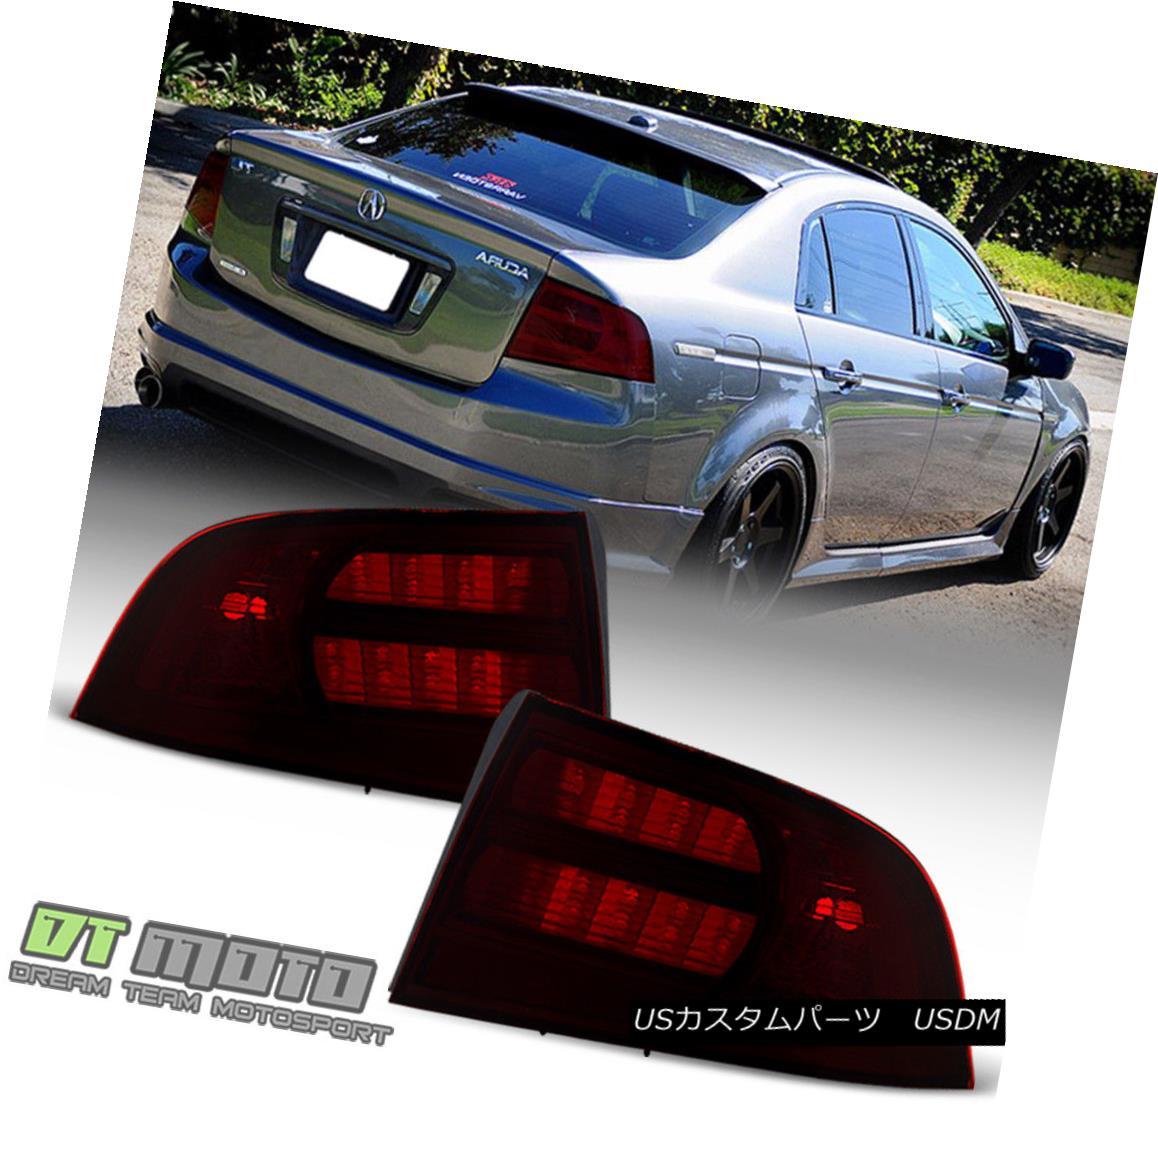 テールライト Red Smoke 2004 2005 2006 2007 2008 Acura TL Type-S Tail Lights Lamps Aftermarket レッドスモーク2004 2005 2006 2007 2008アキュラTLタイプ-Sテールライトランプアフターマーケット